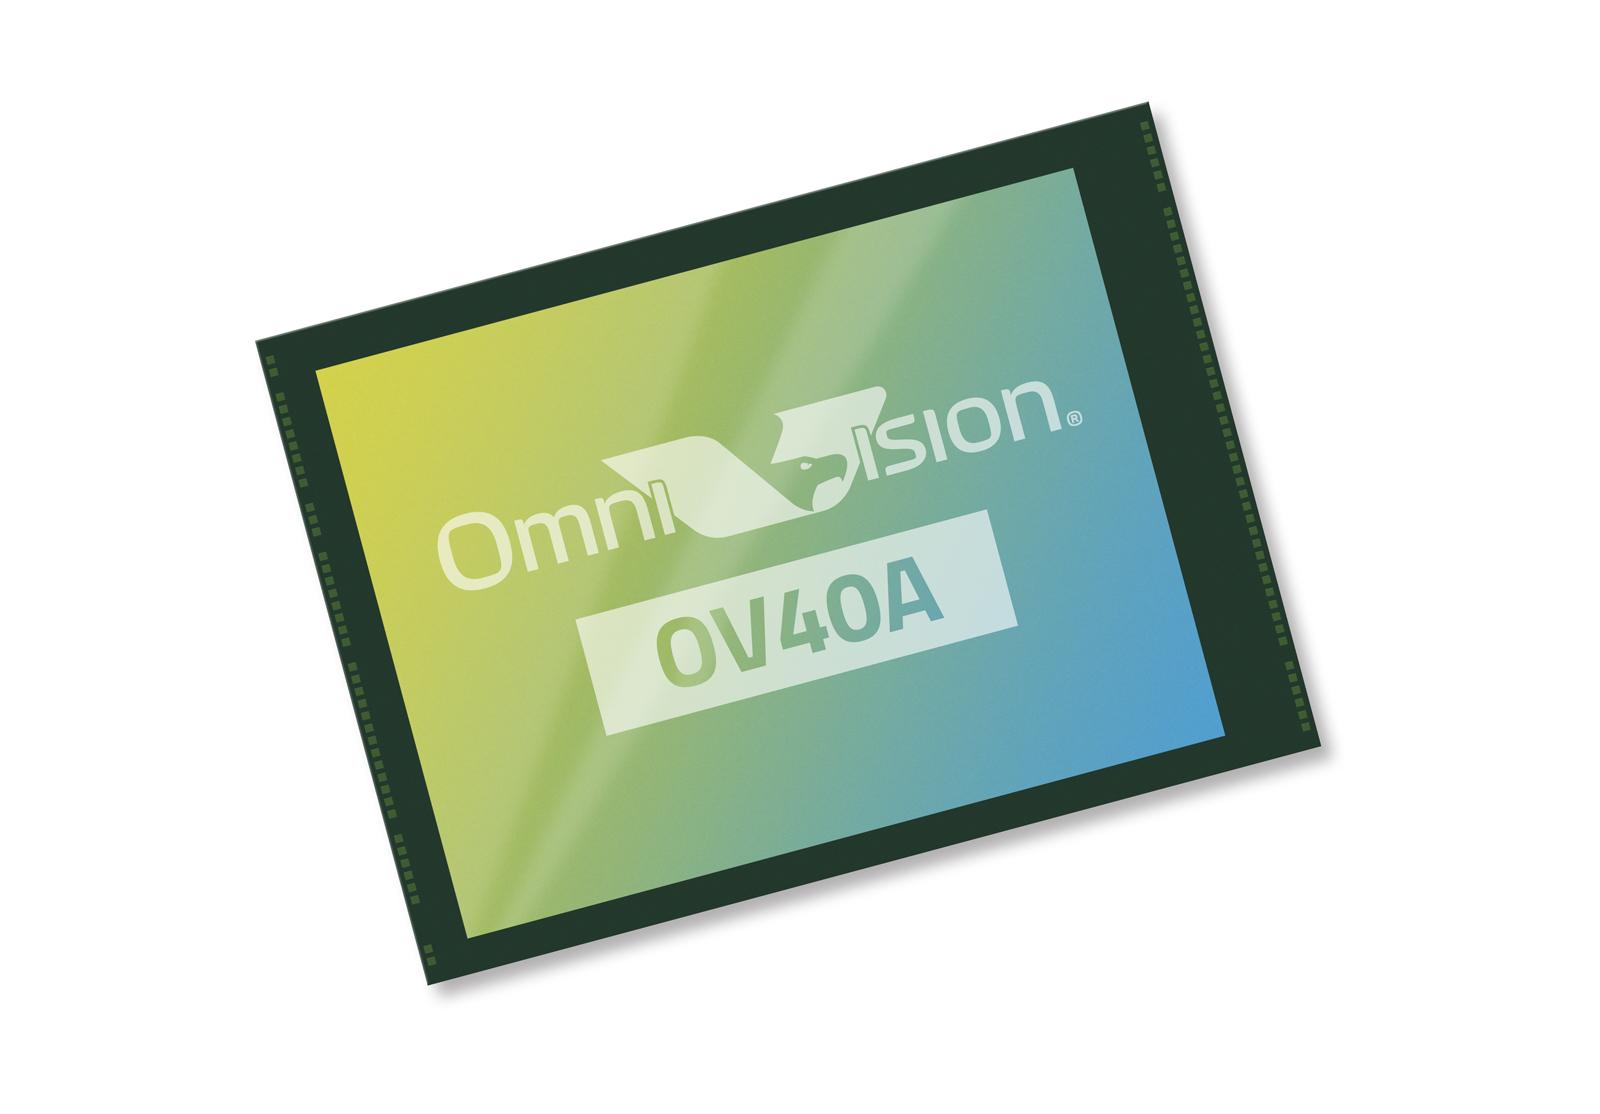 OmniVision presenta il nuovo sensore da 40MP per smartphone thumbnail